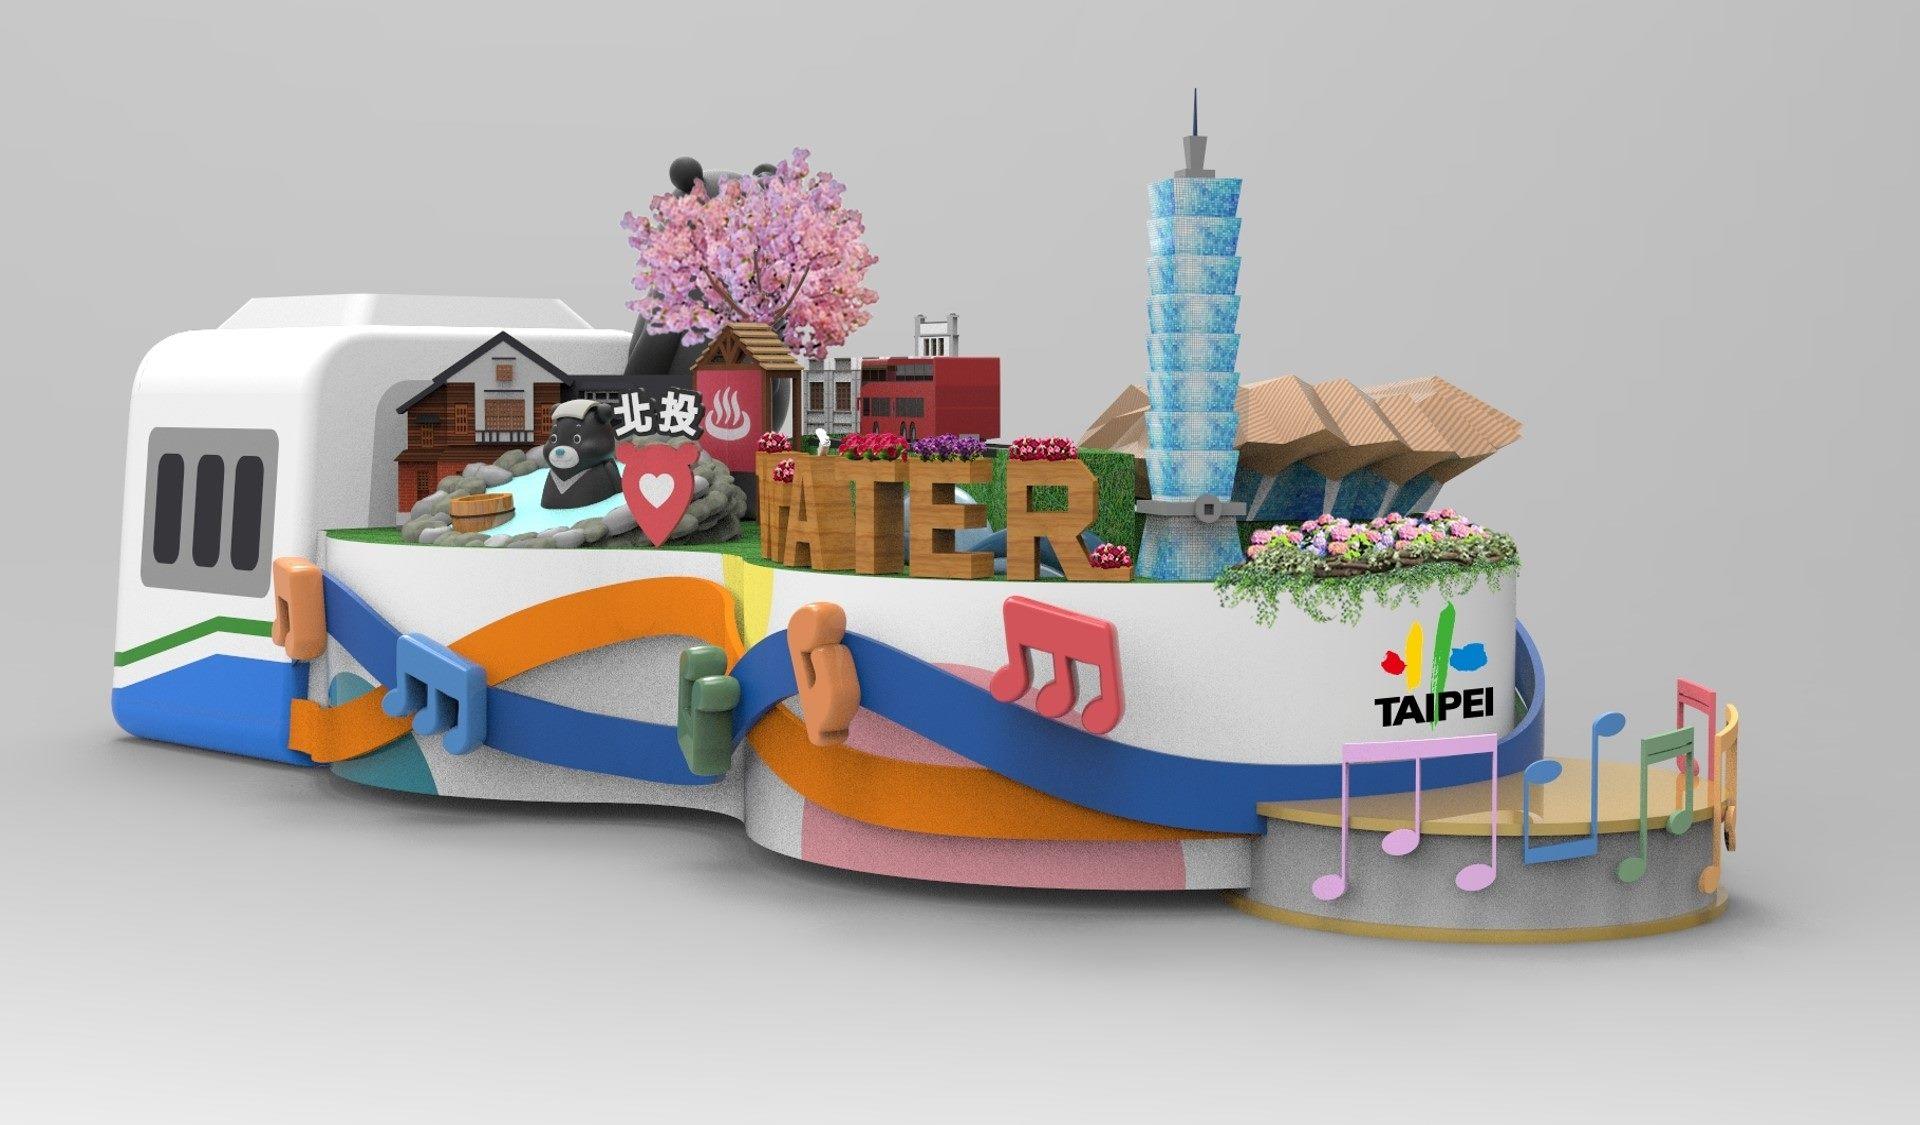 今年度臺北主題花車重現了臺北流行音樂中心與經典台北地景